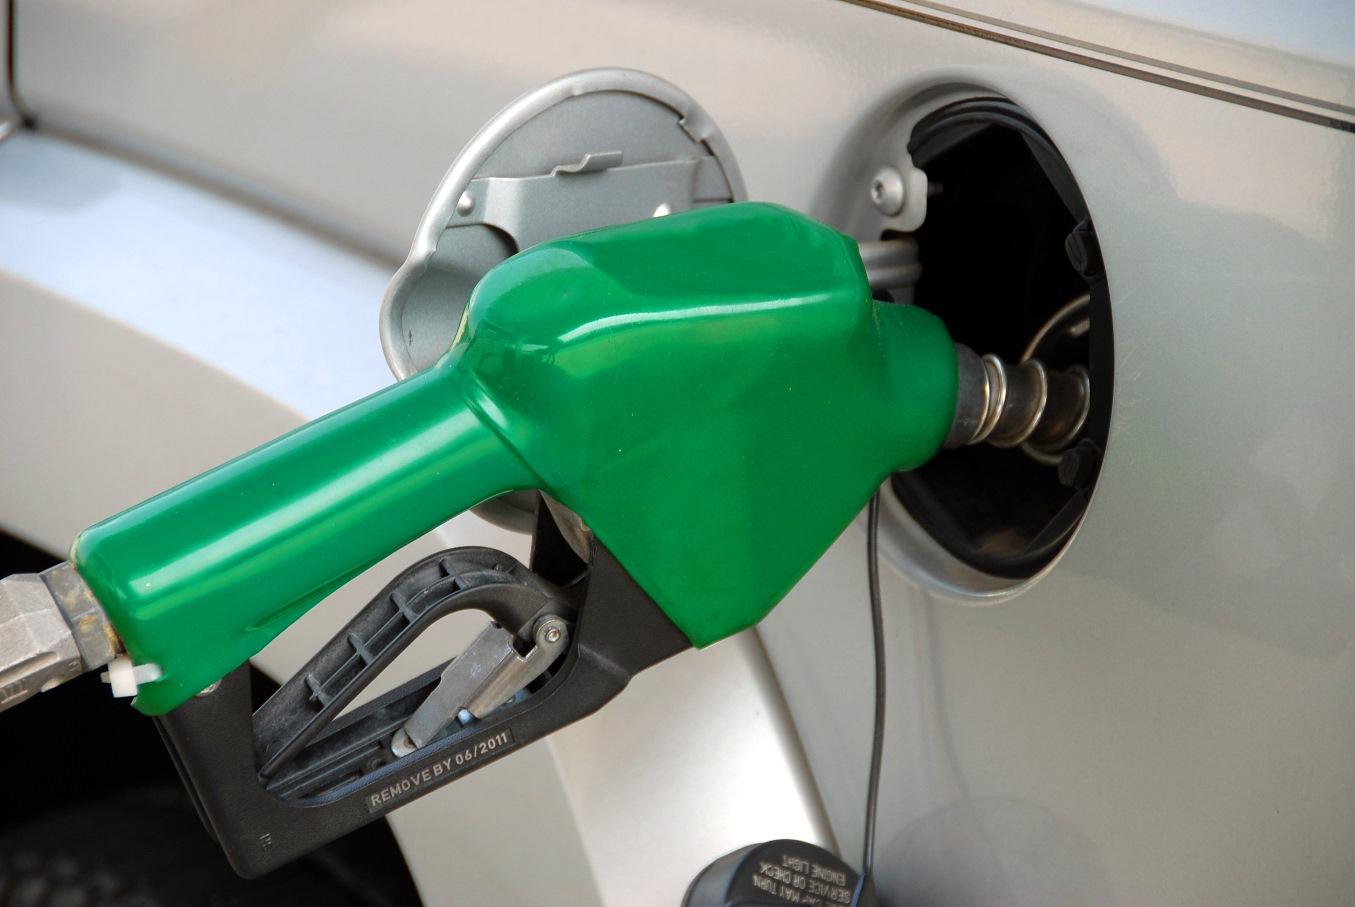 Средние цены на бензин с 28 декабря по 11 января выросли на 21 копейку